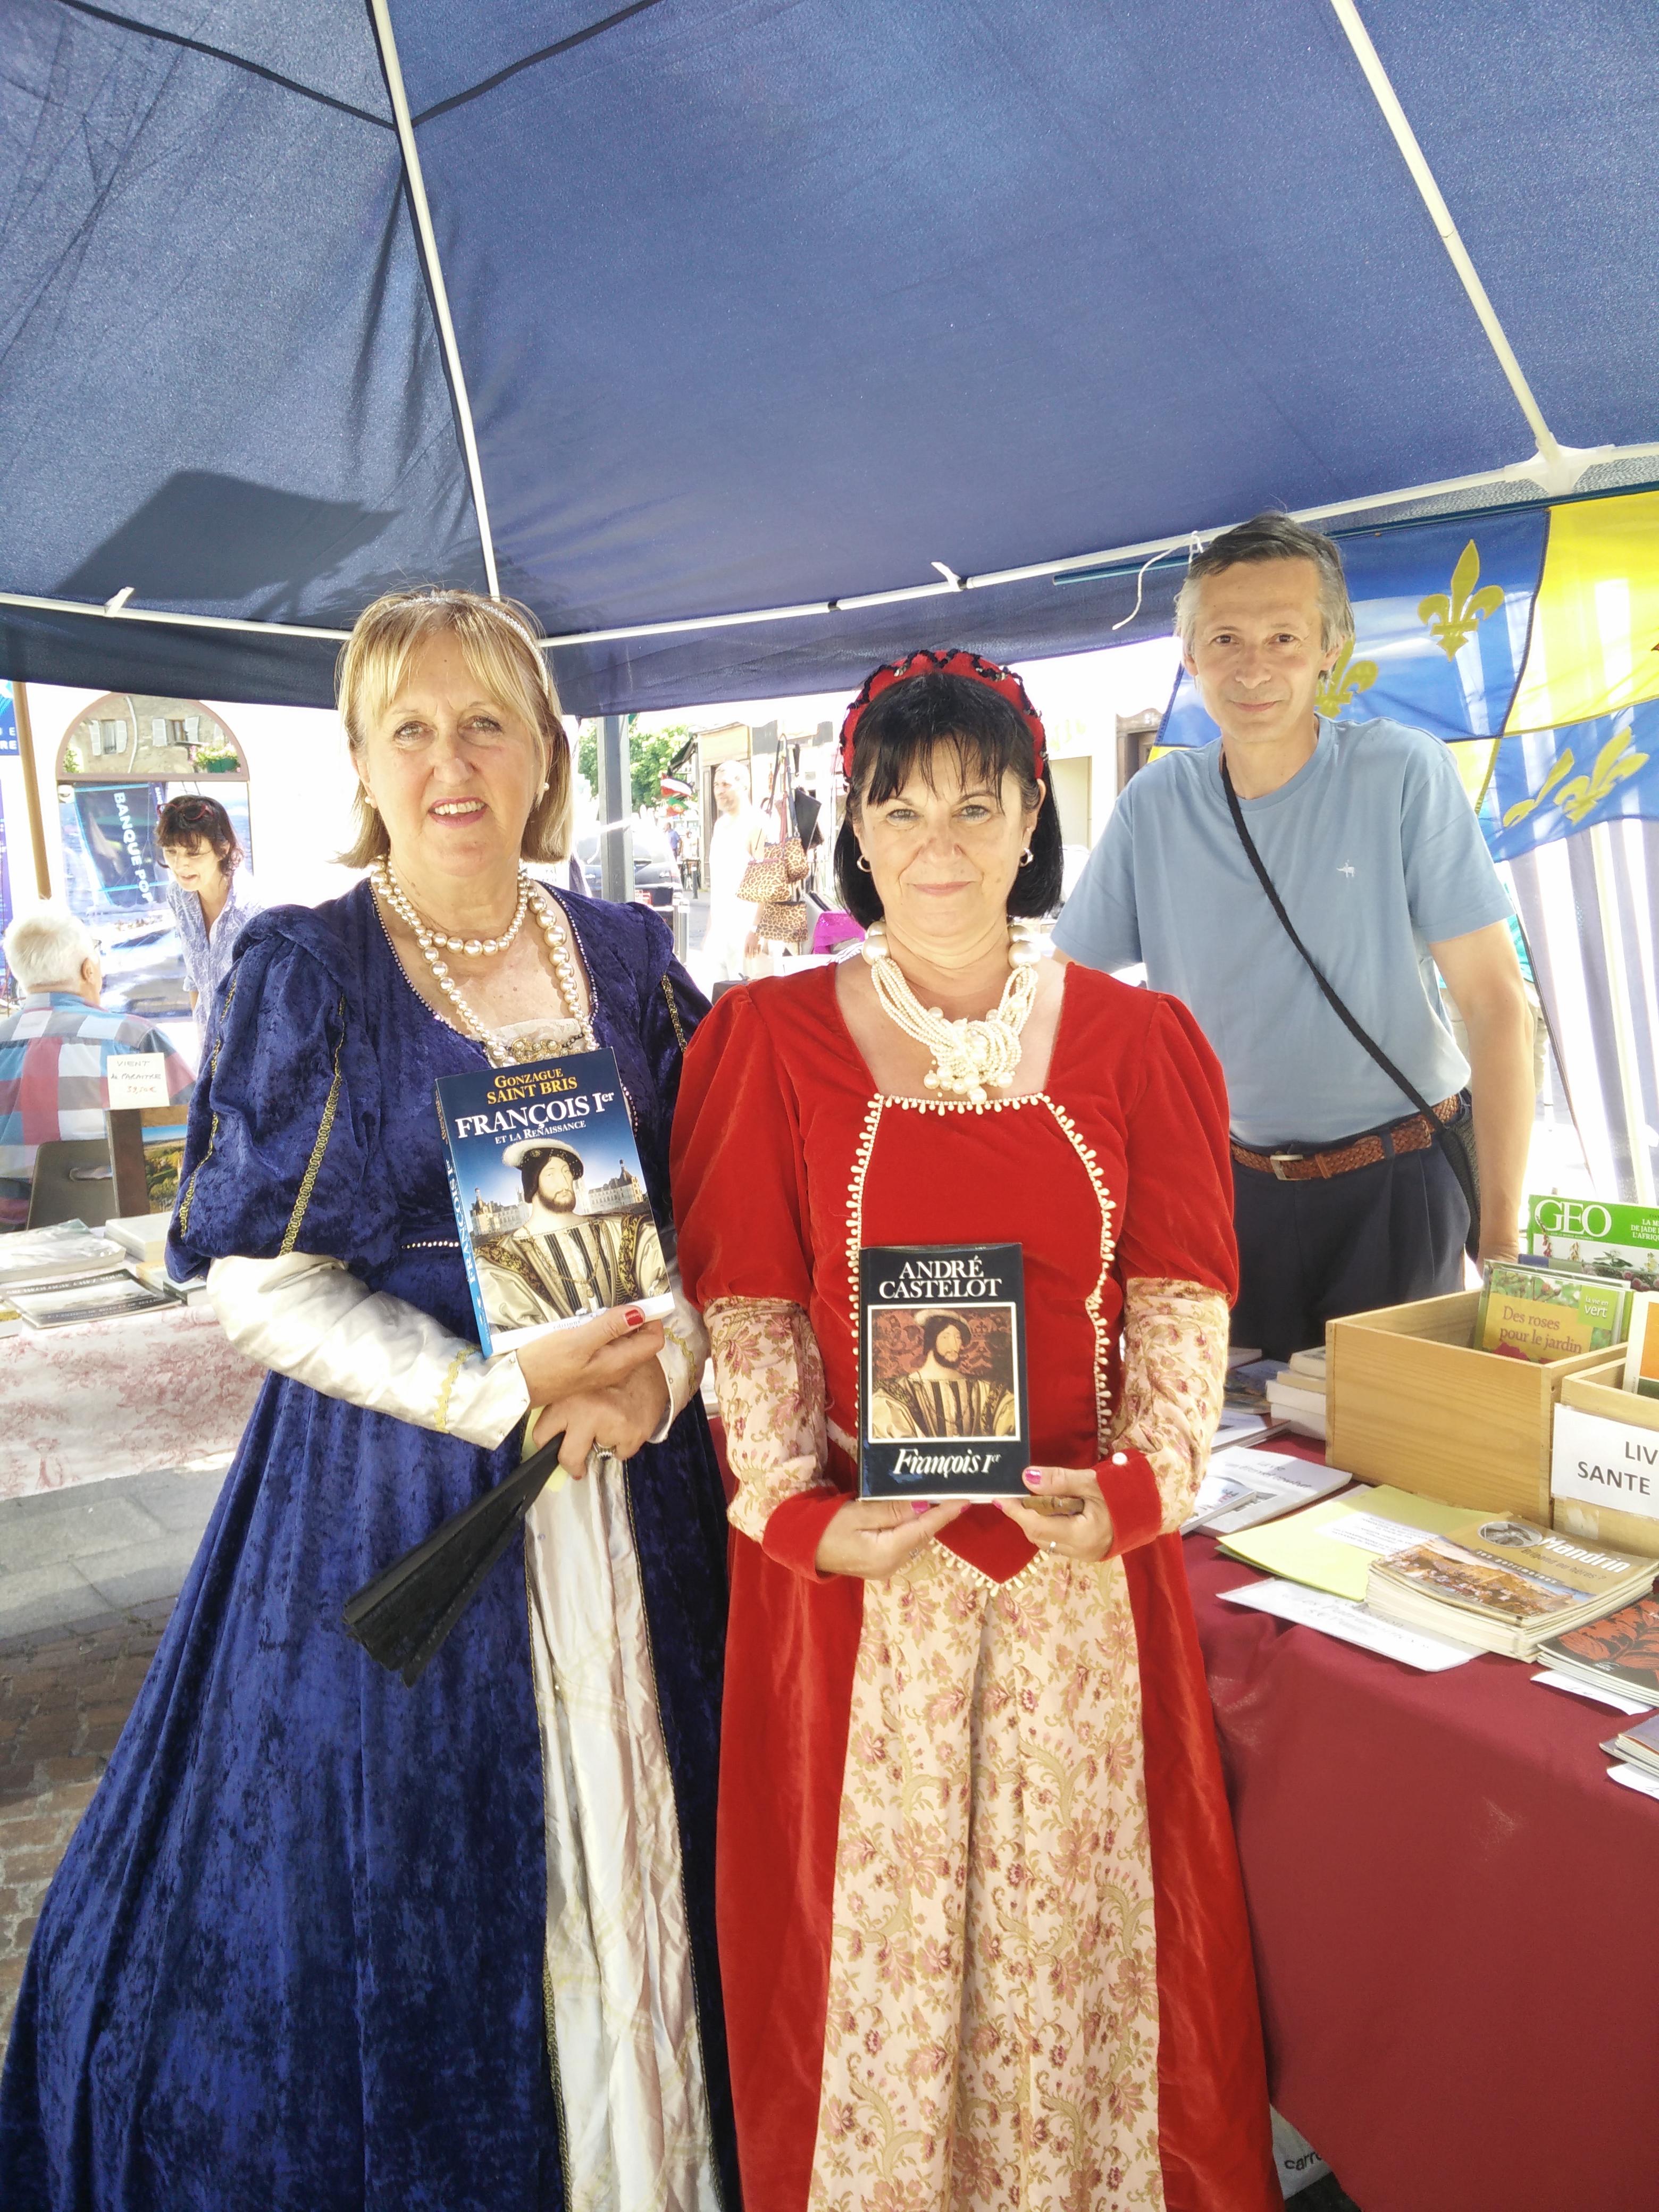 Annie, Chantal et Olivier